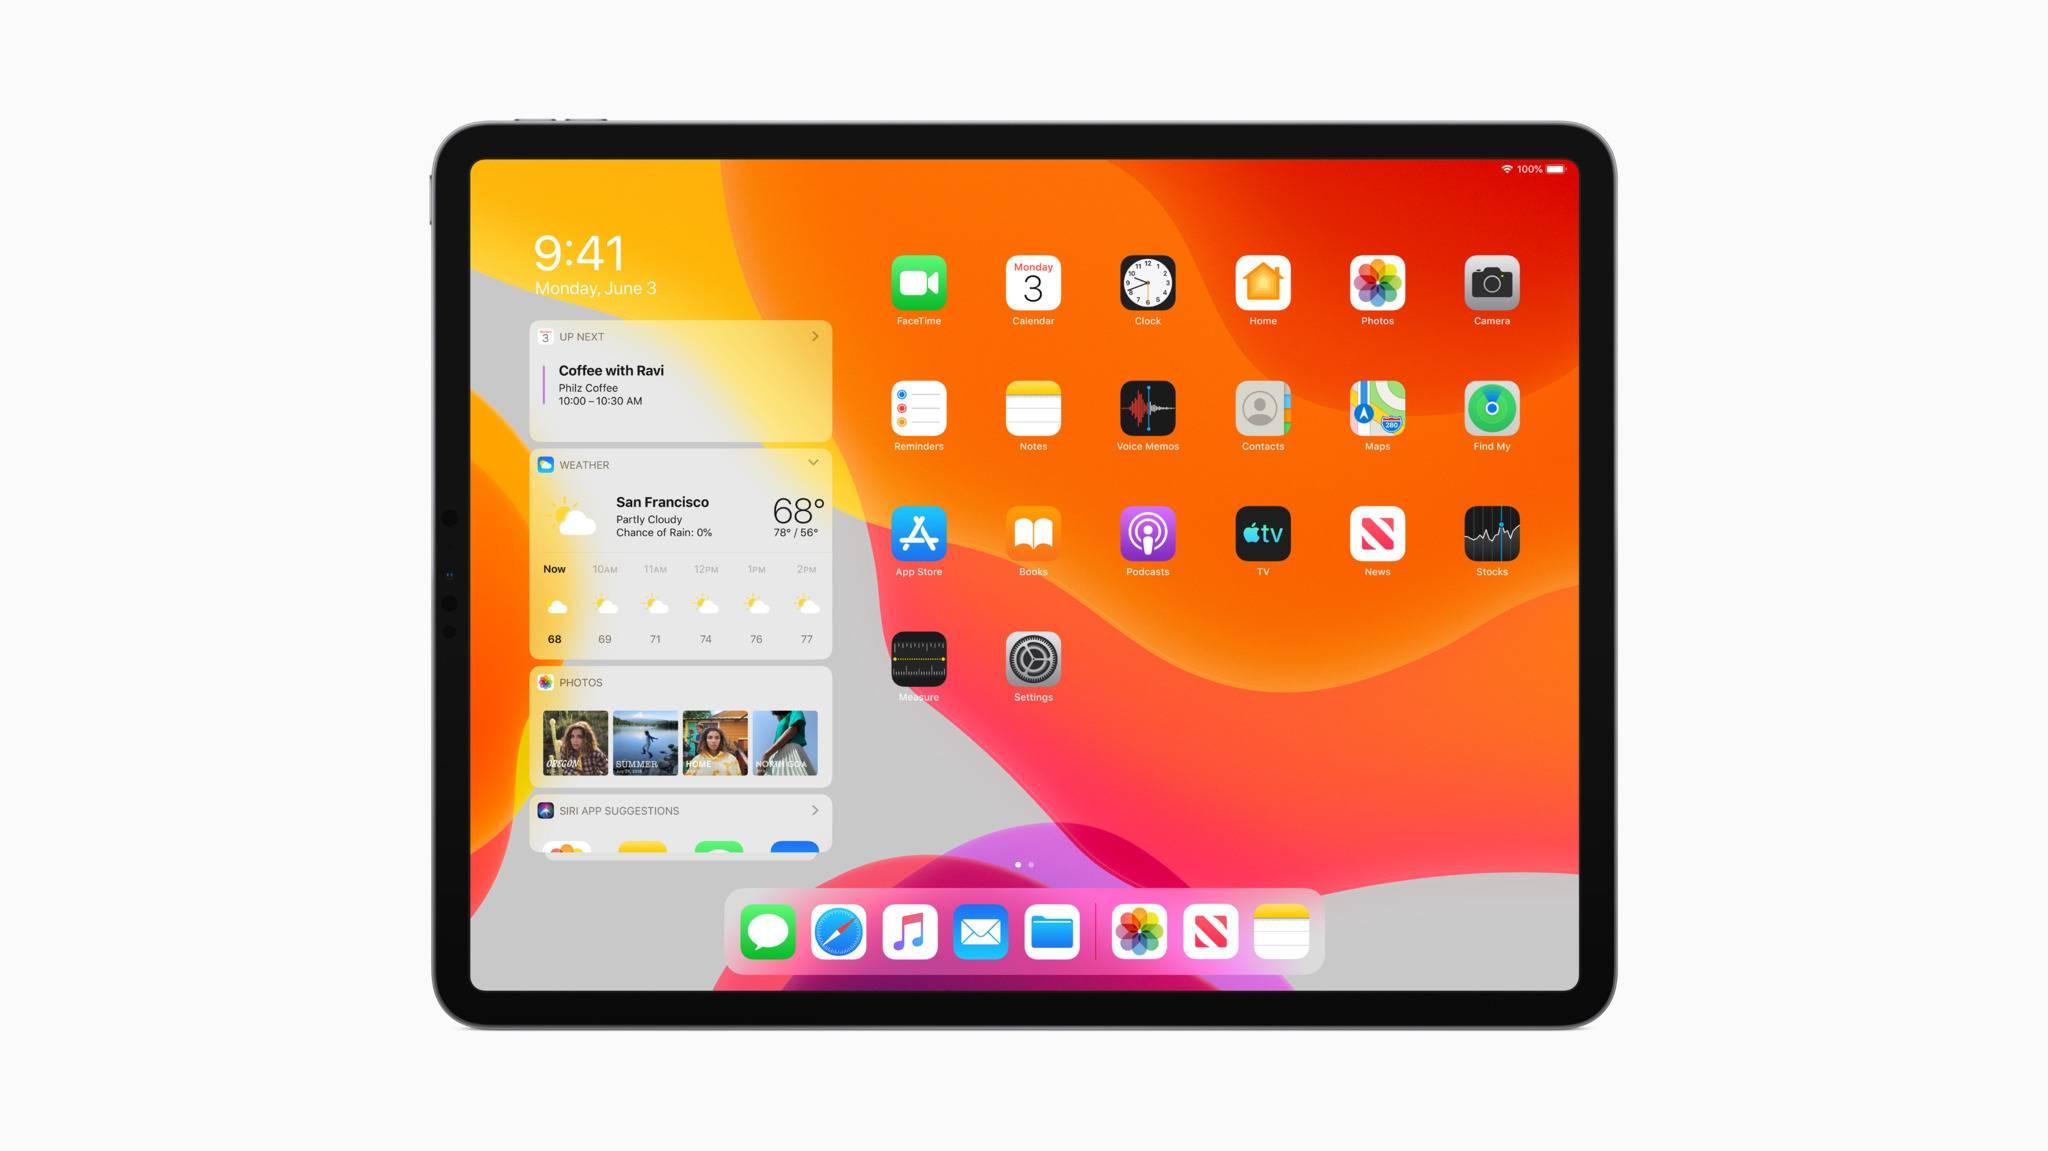 Mit iPadOS will Apple die Nutzung von iPads noch weiter vereinfachen.